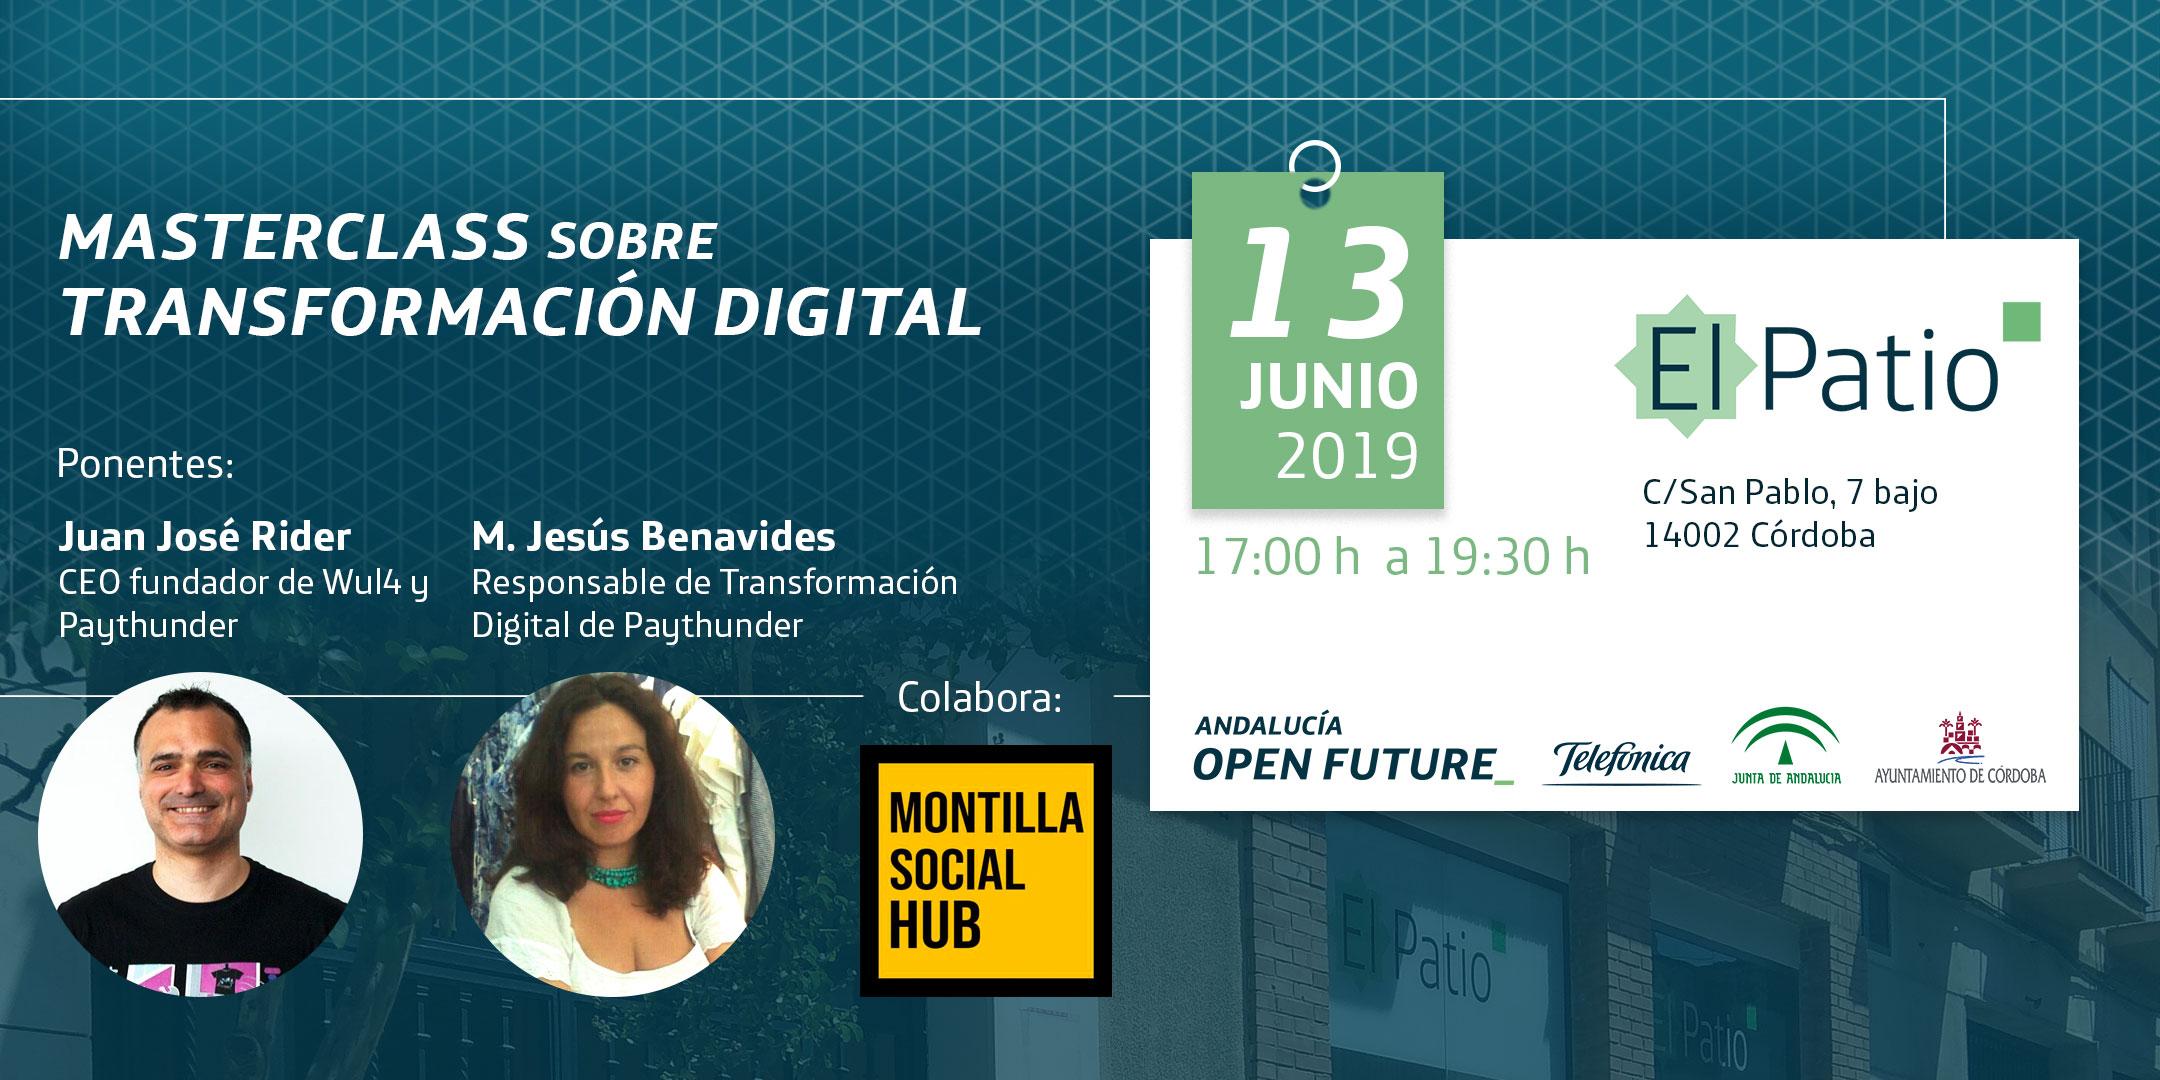 masterclass transformacion digital El Patio